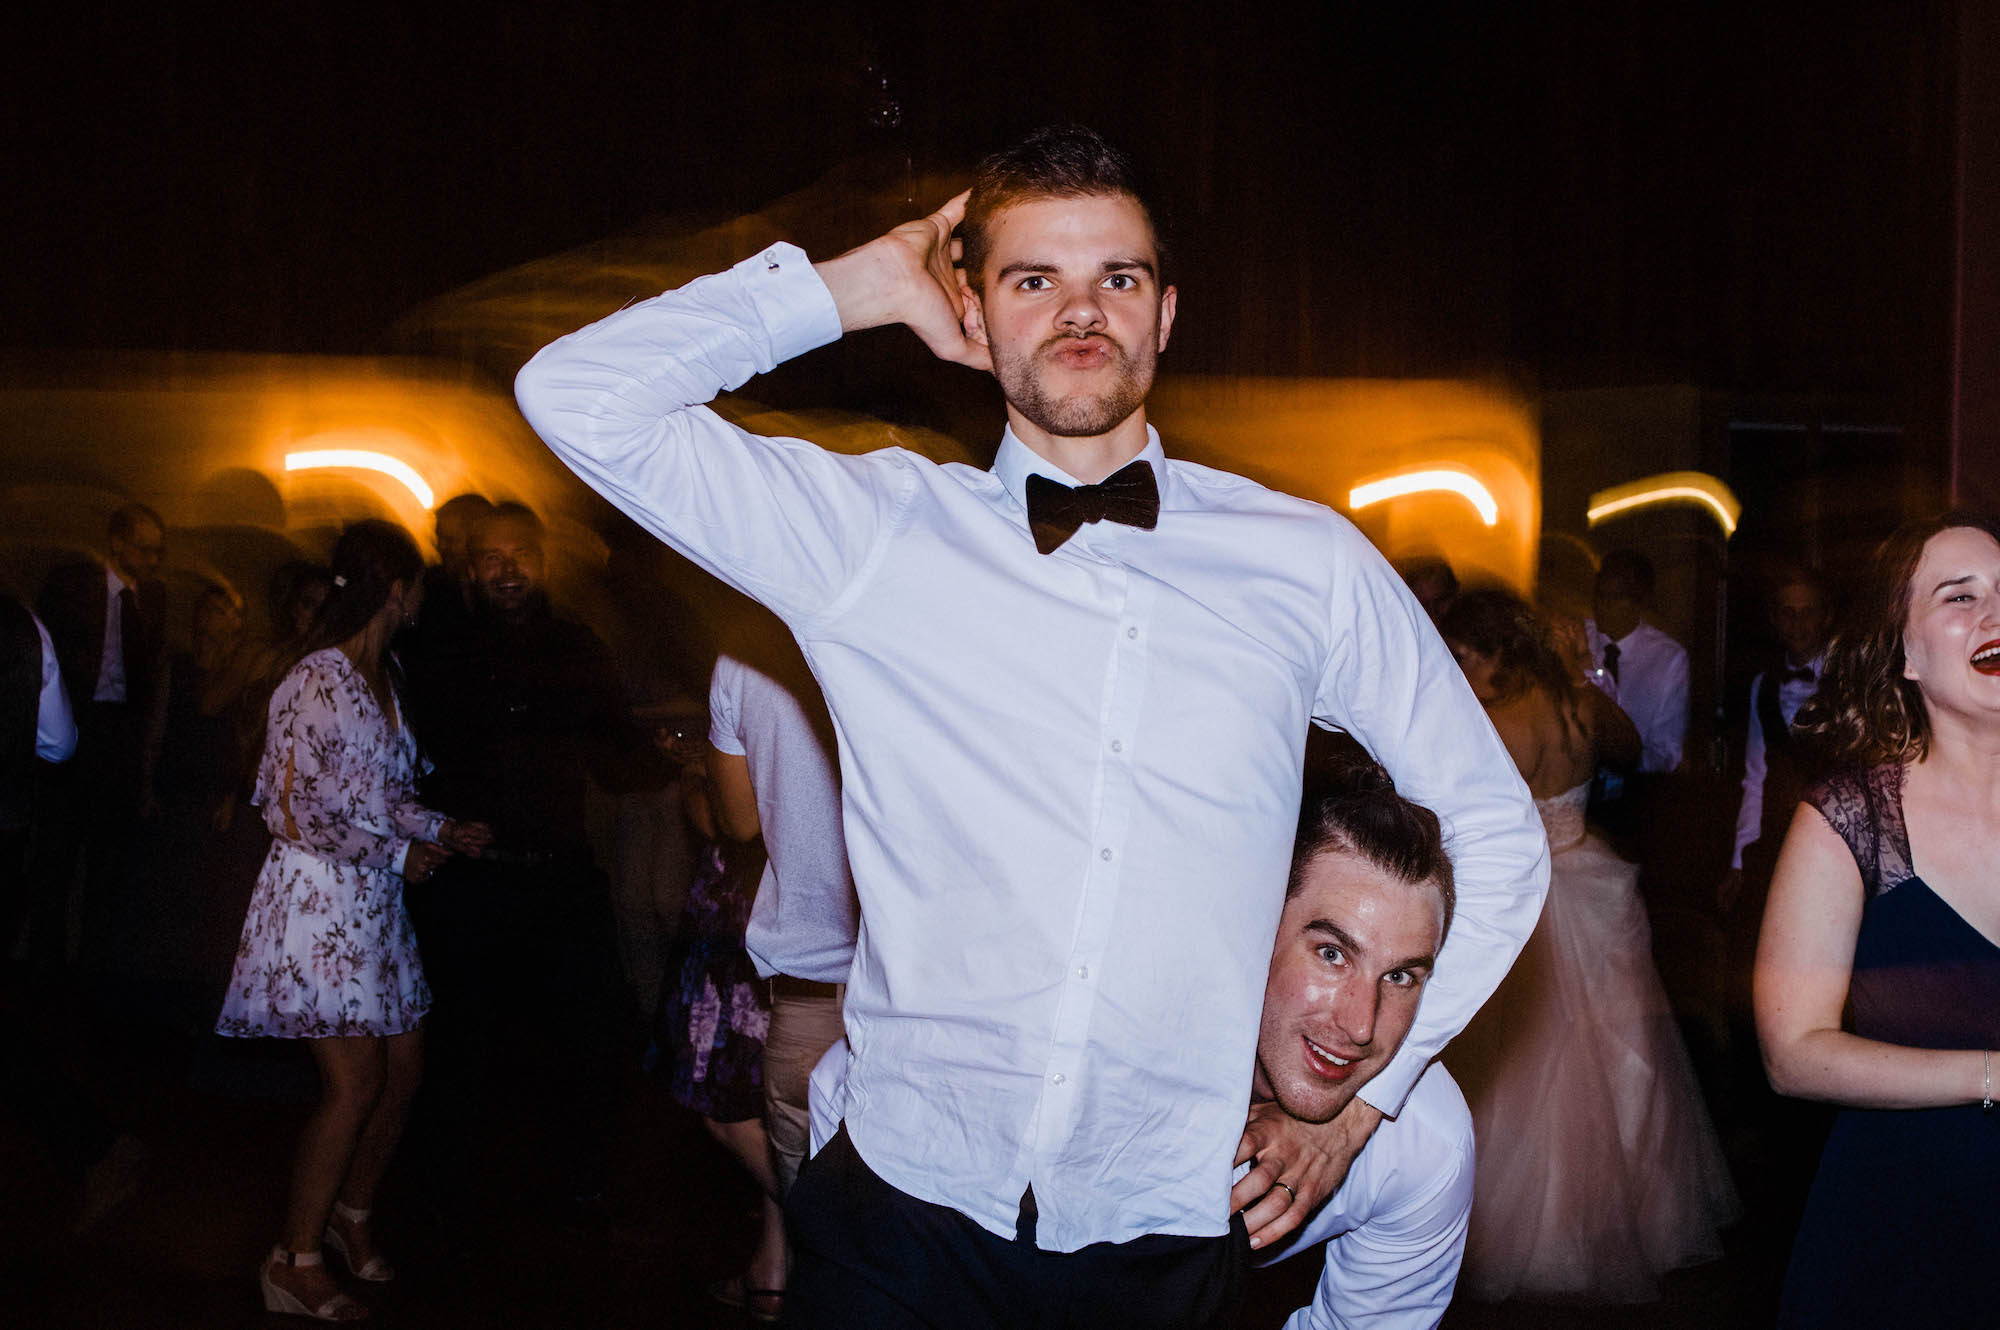 Guests dancing at a wedding reception at Quarry Farm.